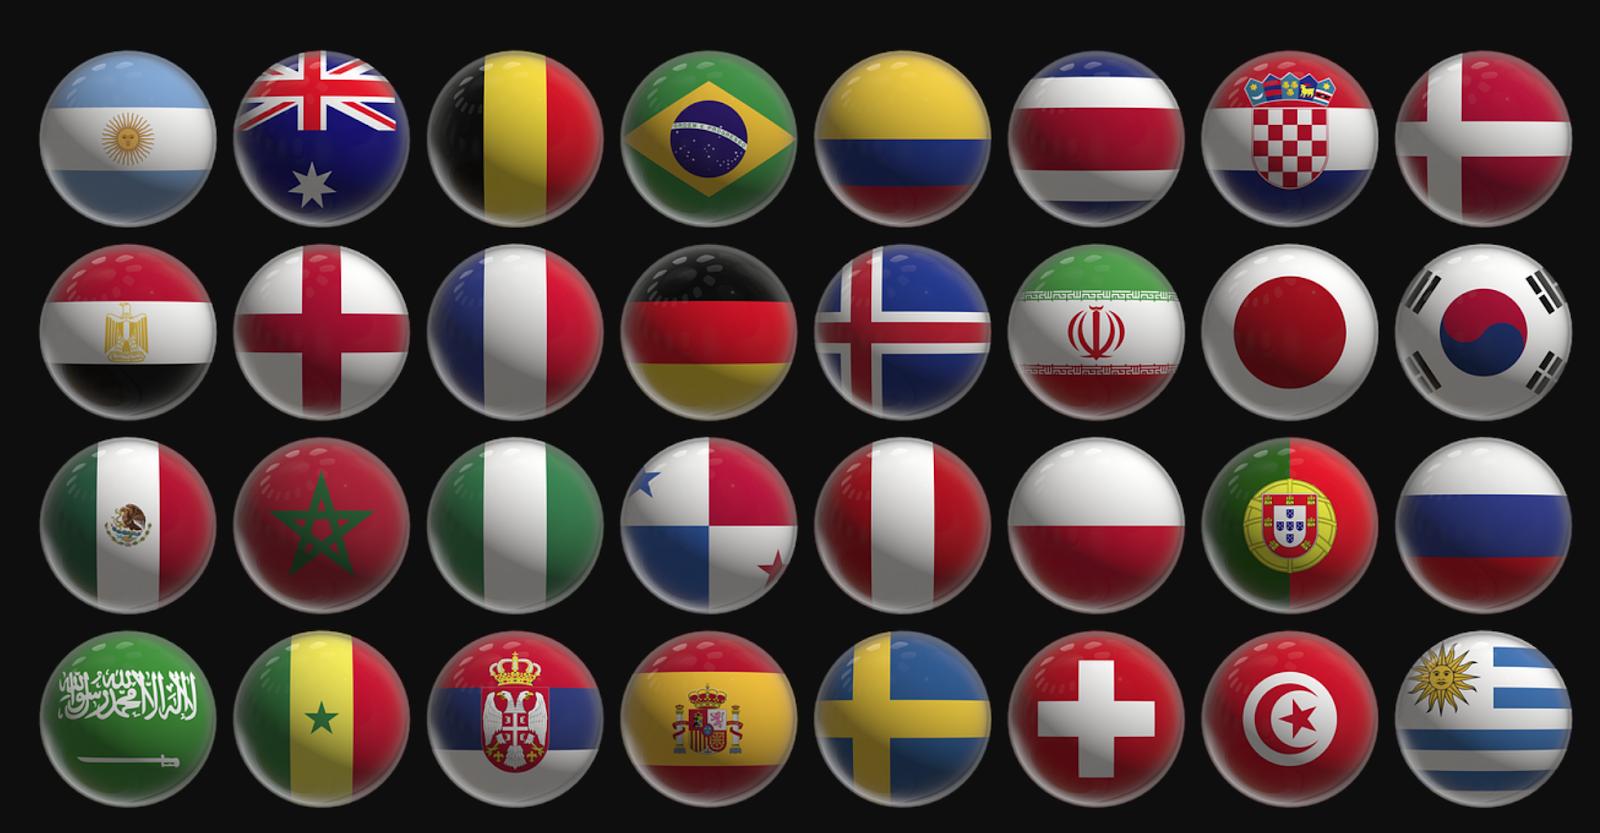 Mengulas Logo Bendera Negara Piala Dunia Kejuaraan Dari Masa